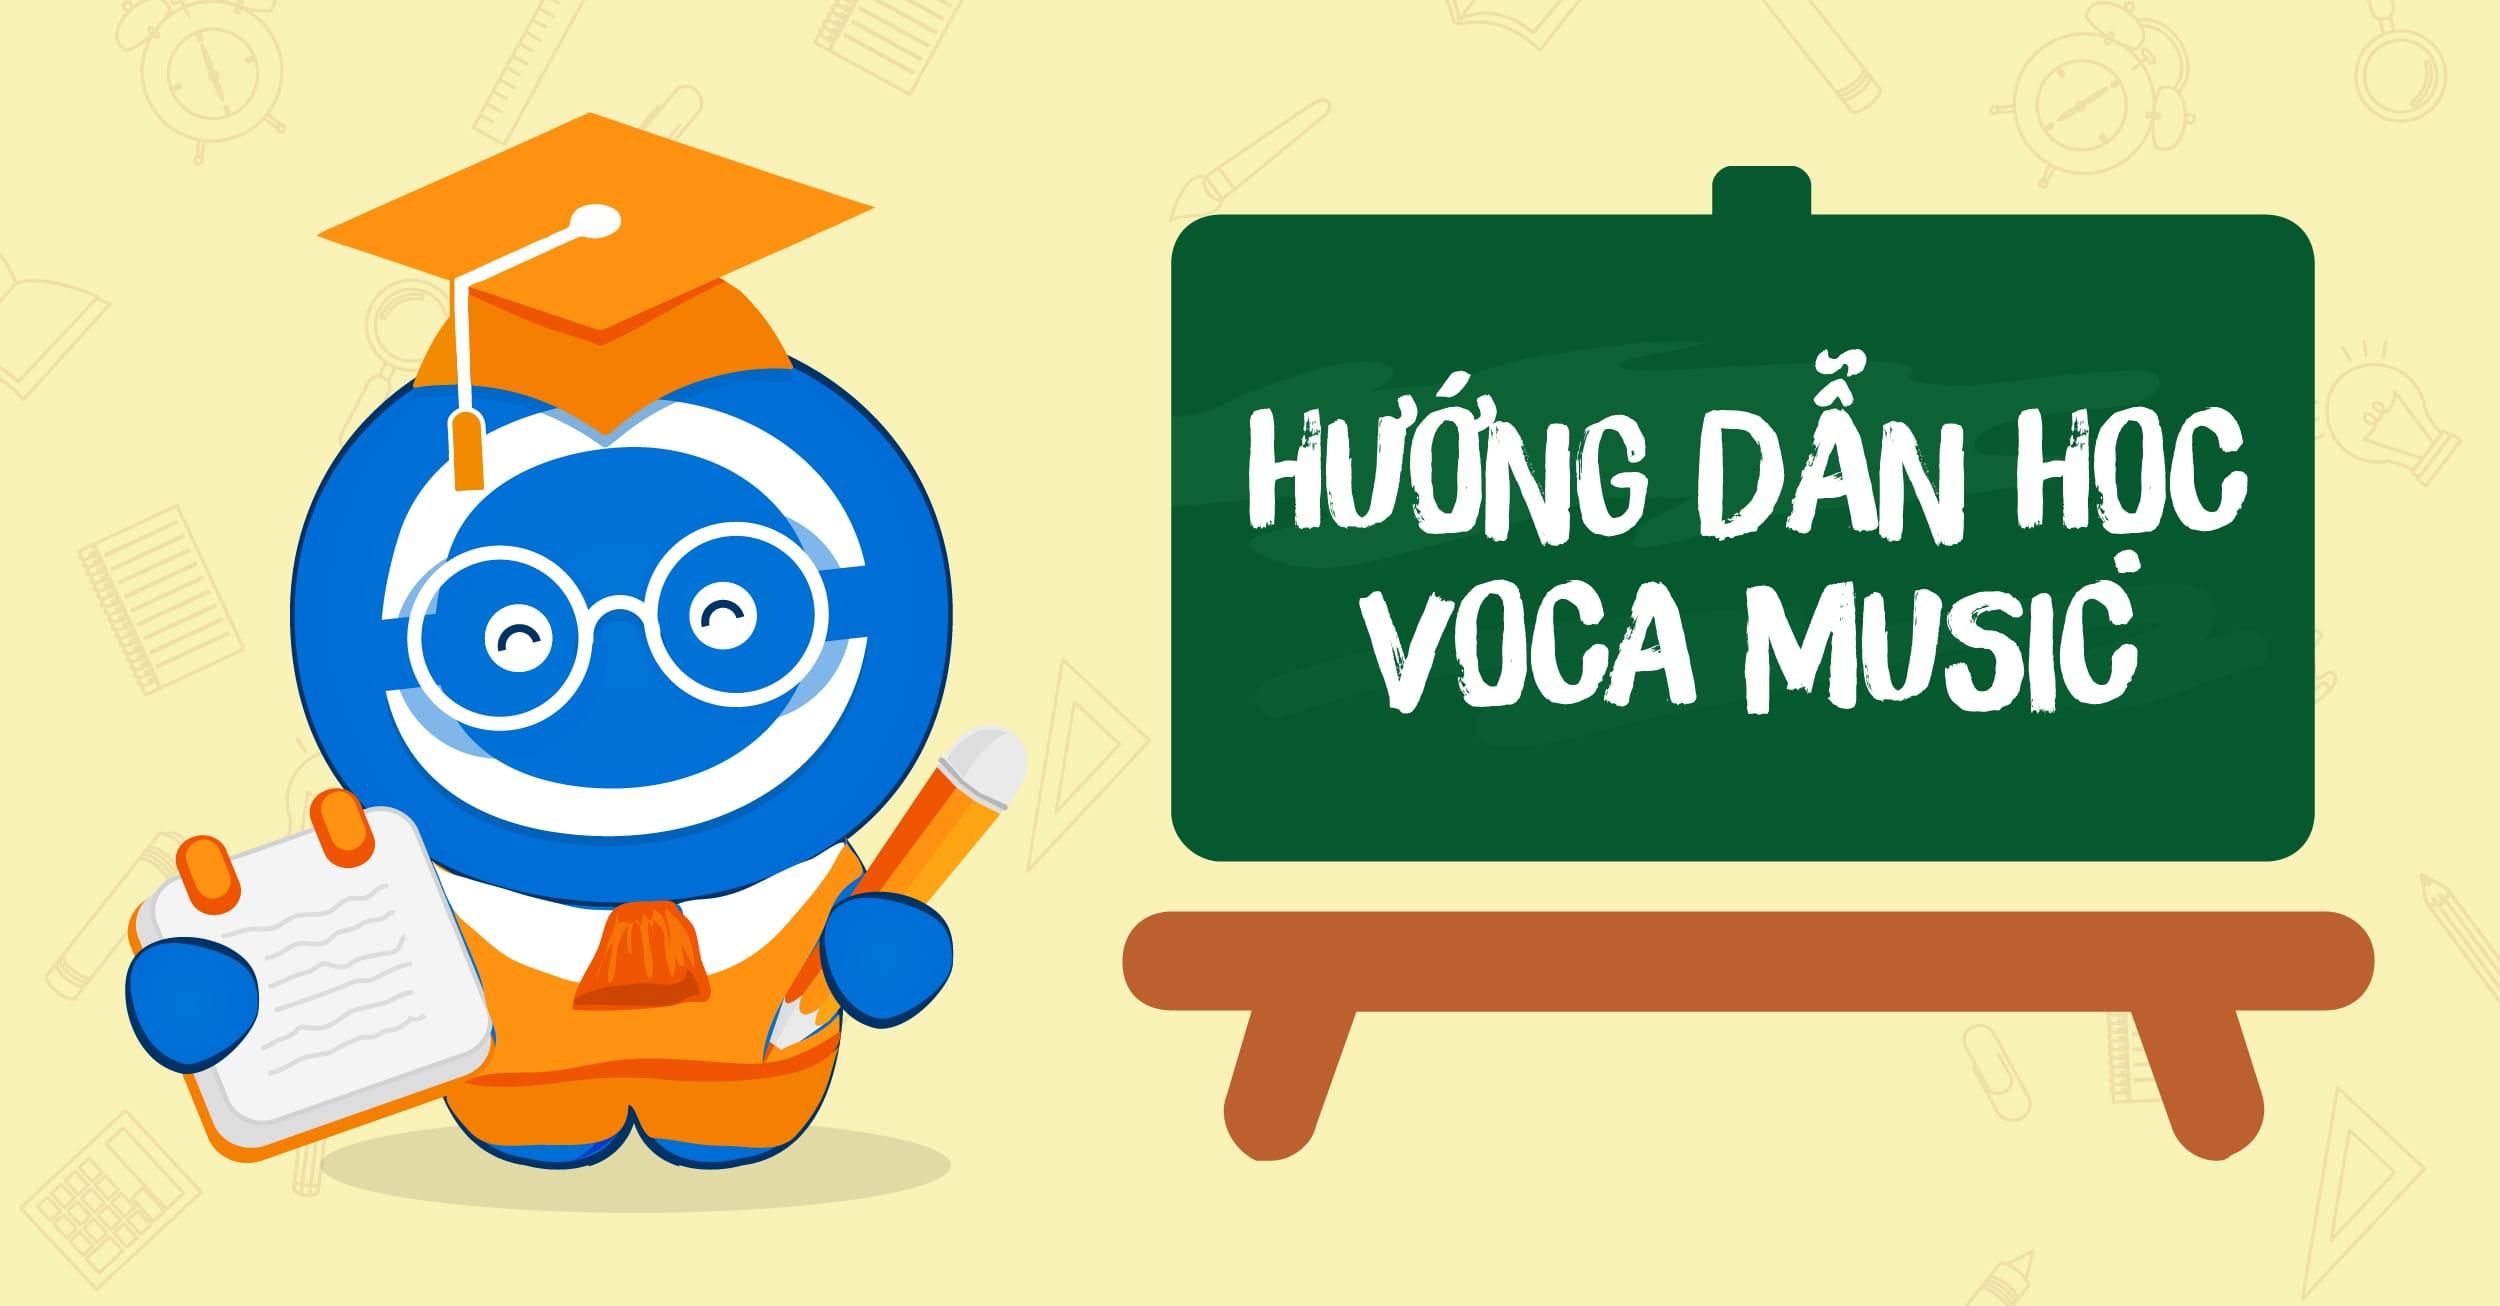 Hướng dẫn học tiếng Anh qua bài hát với VOCA Music